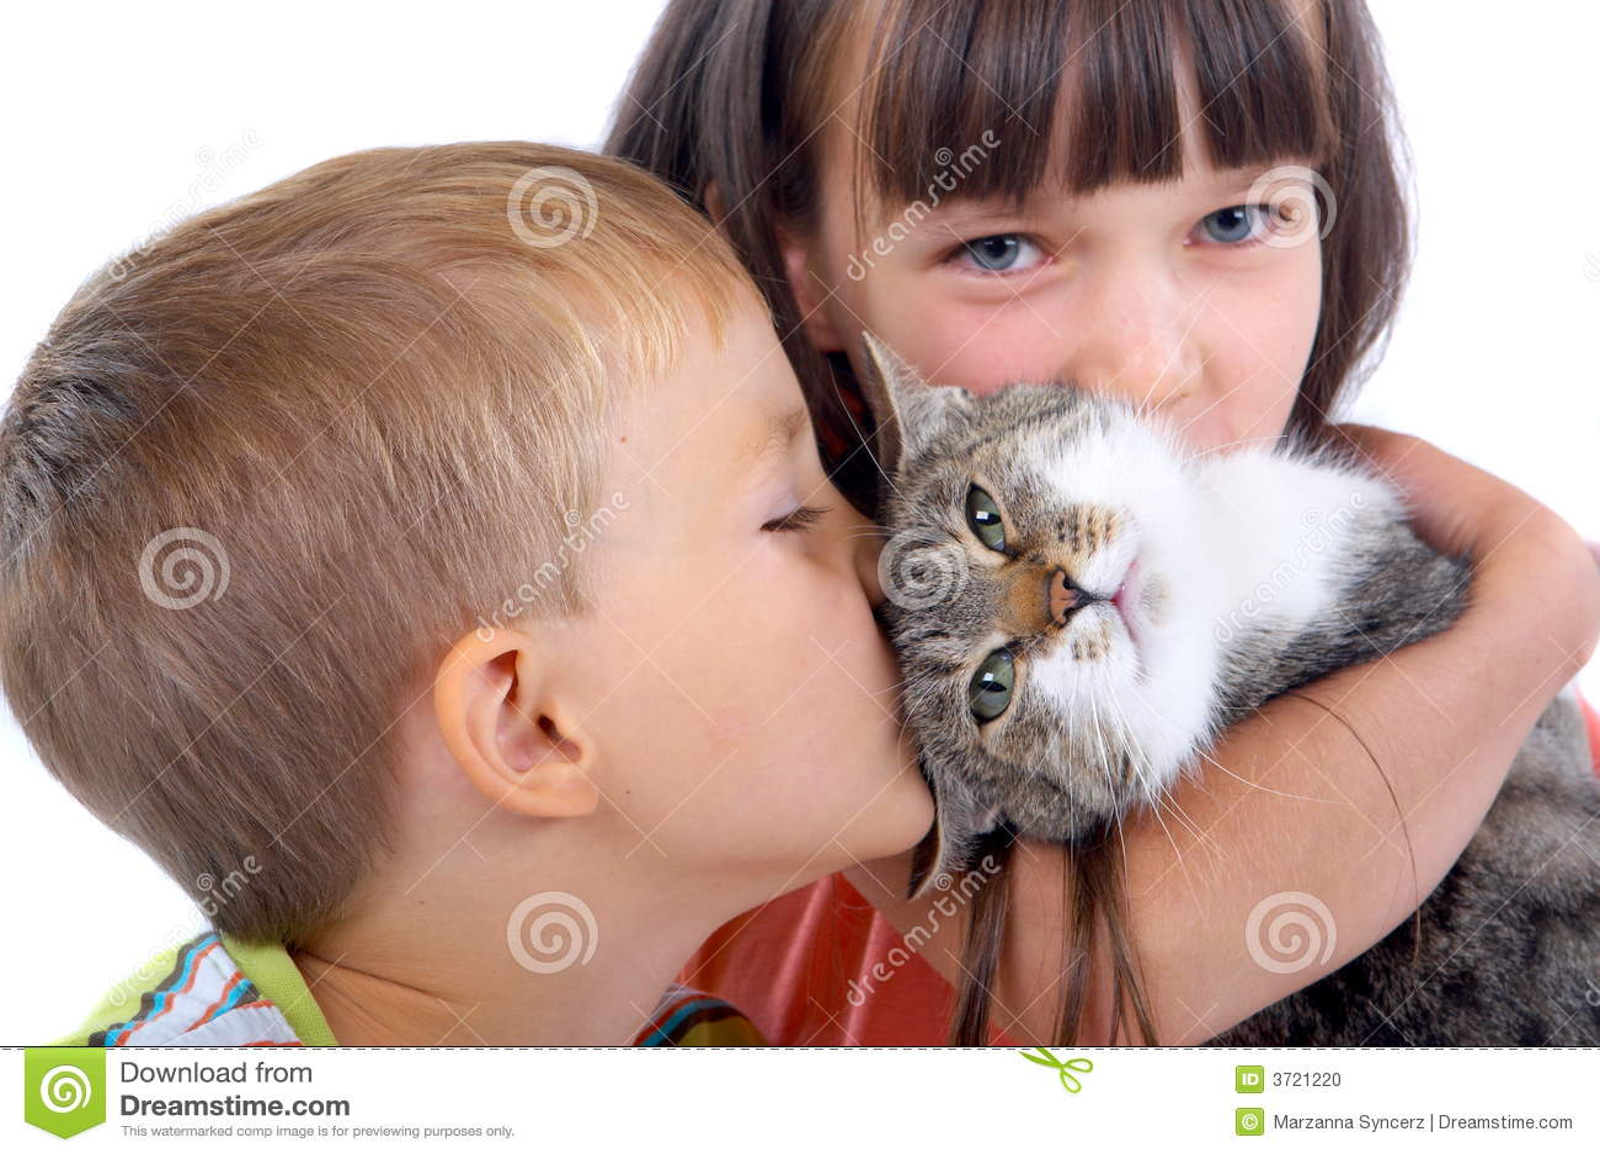 Фотогалерея - Кошки и дети - Забавные фото кошек - CATS -галерея 92